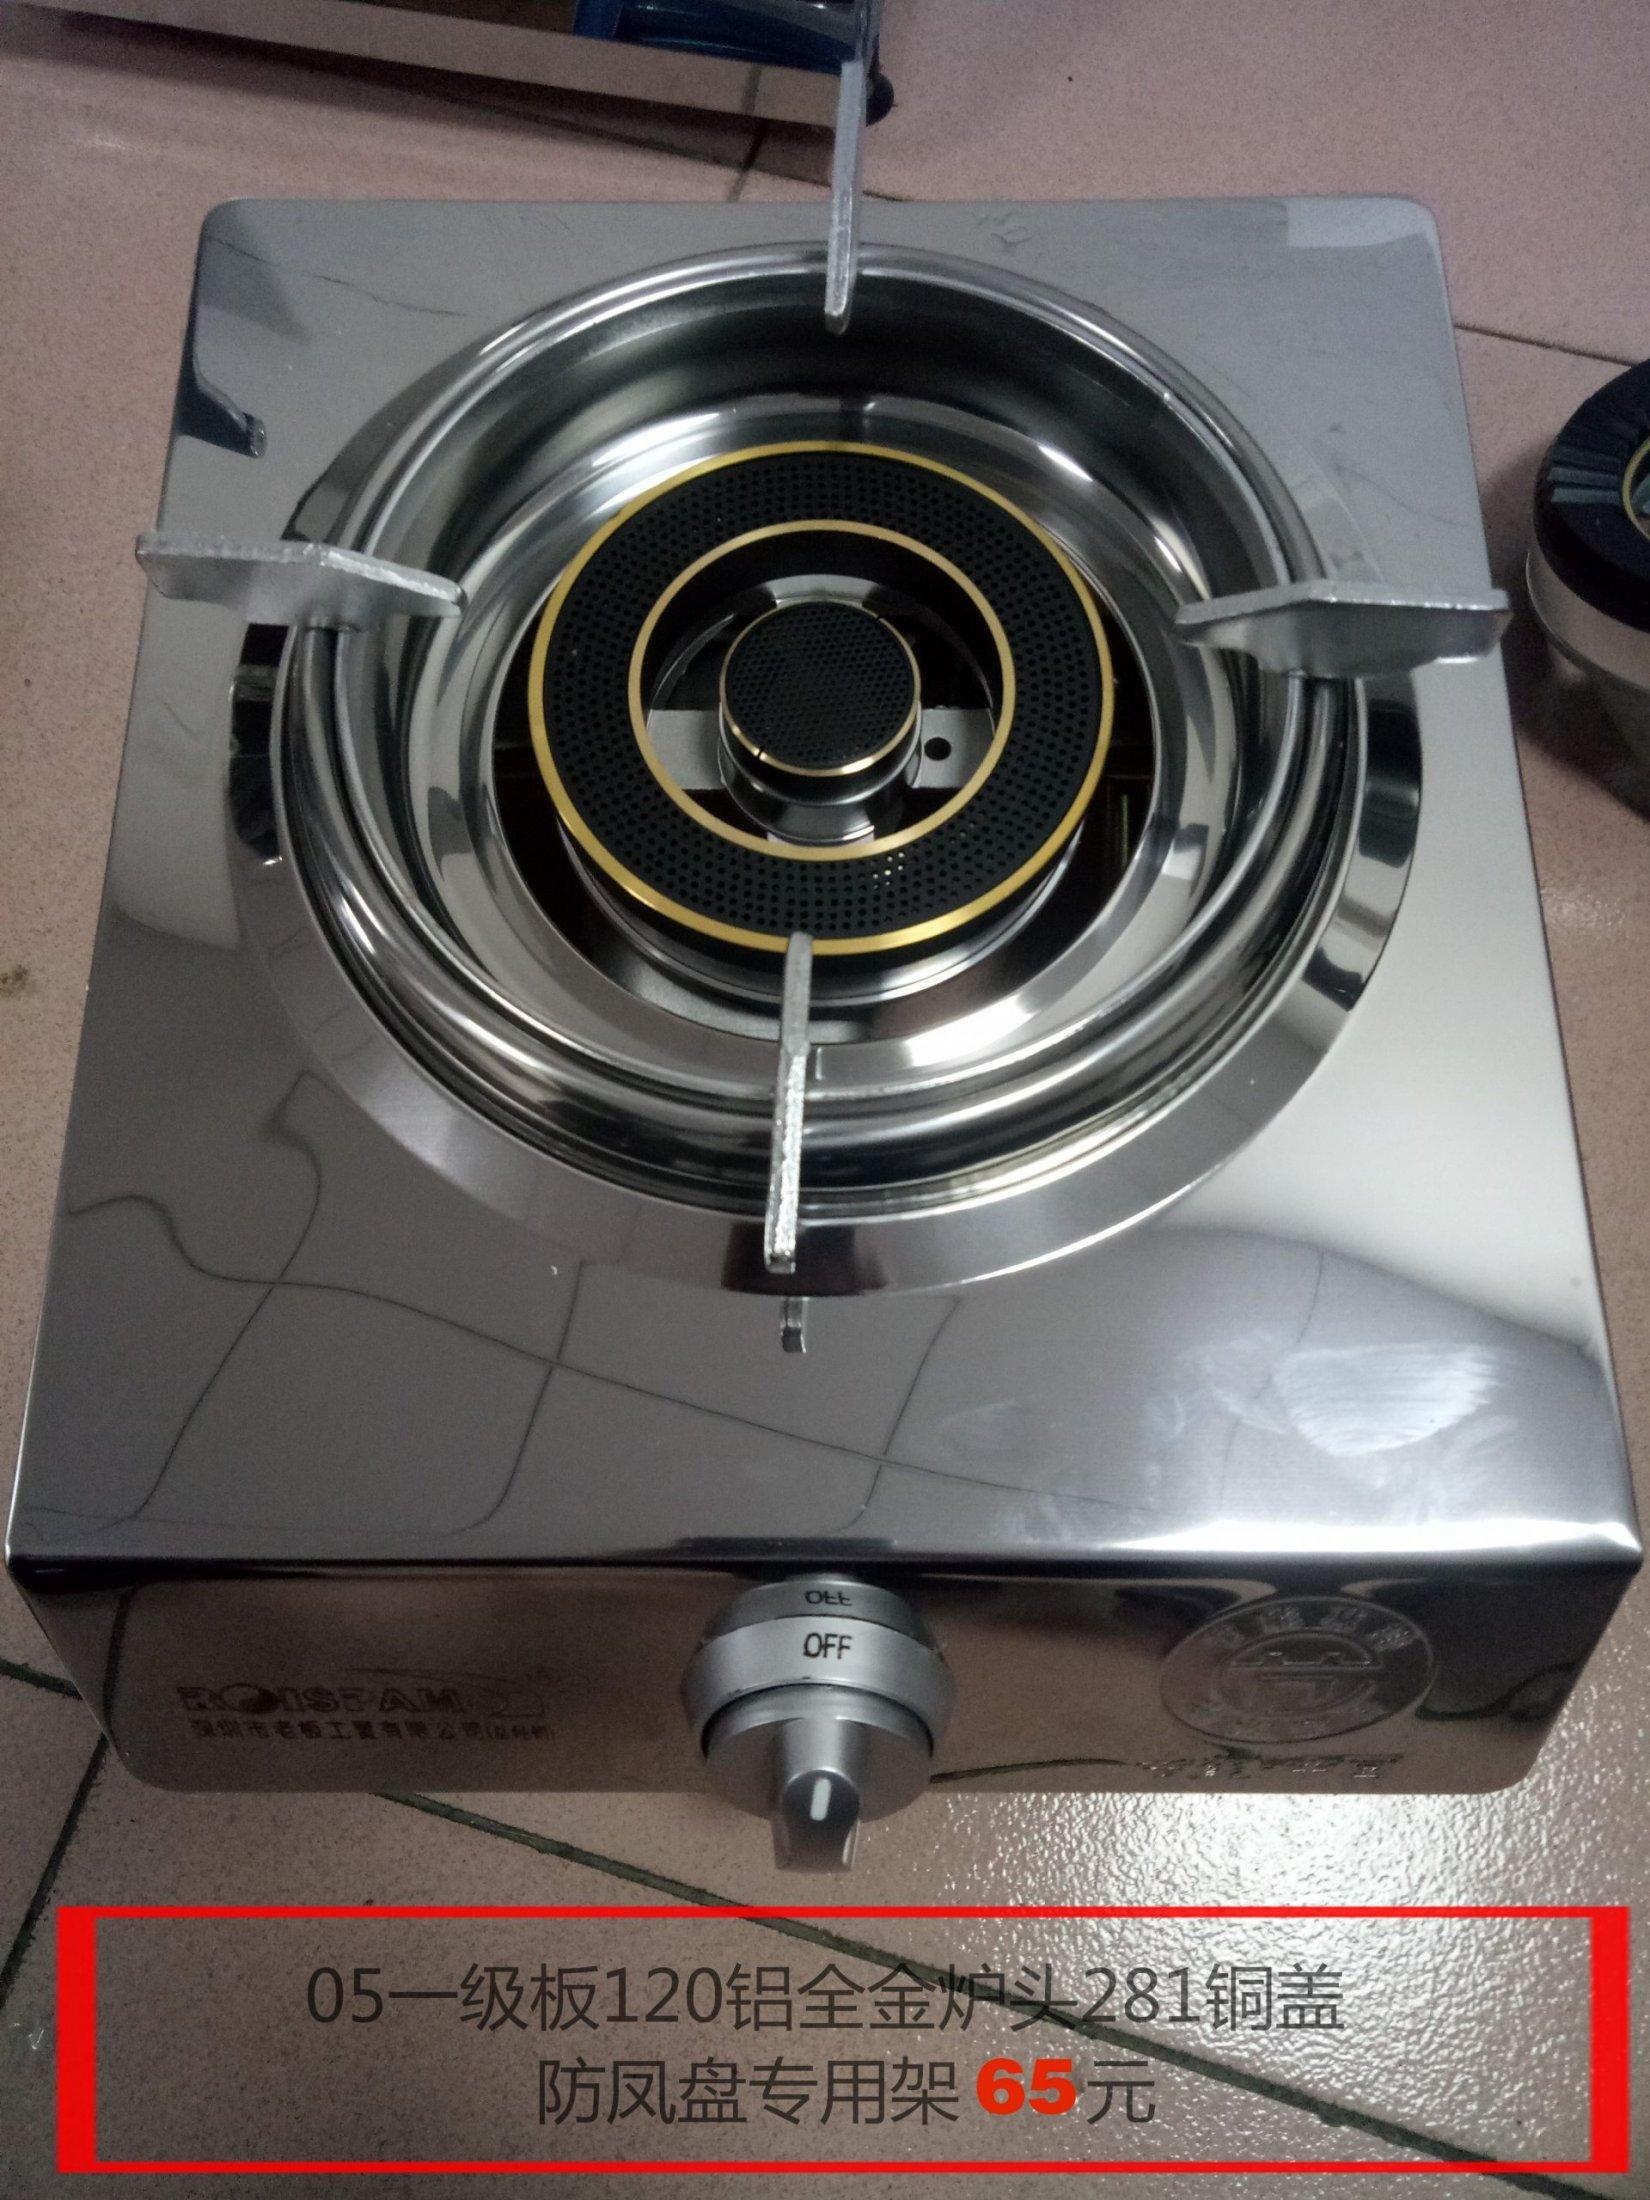 01 (8)台式灶具,高档单炉具